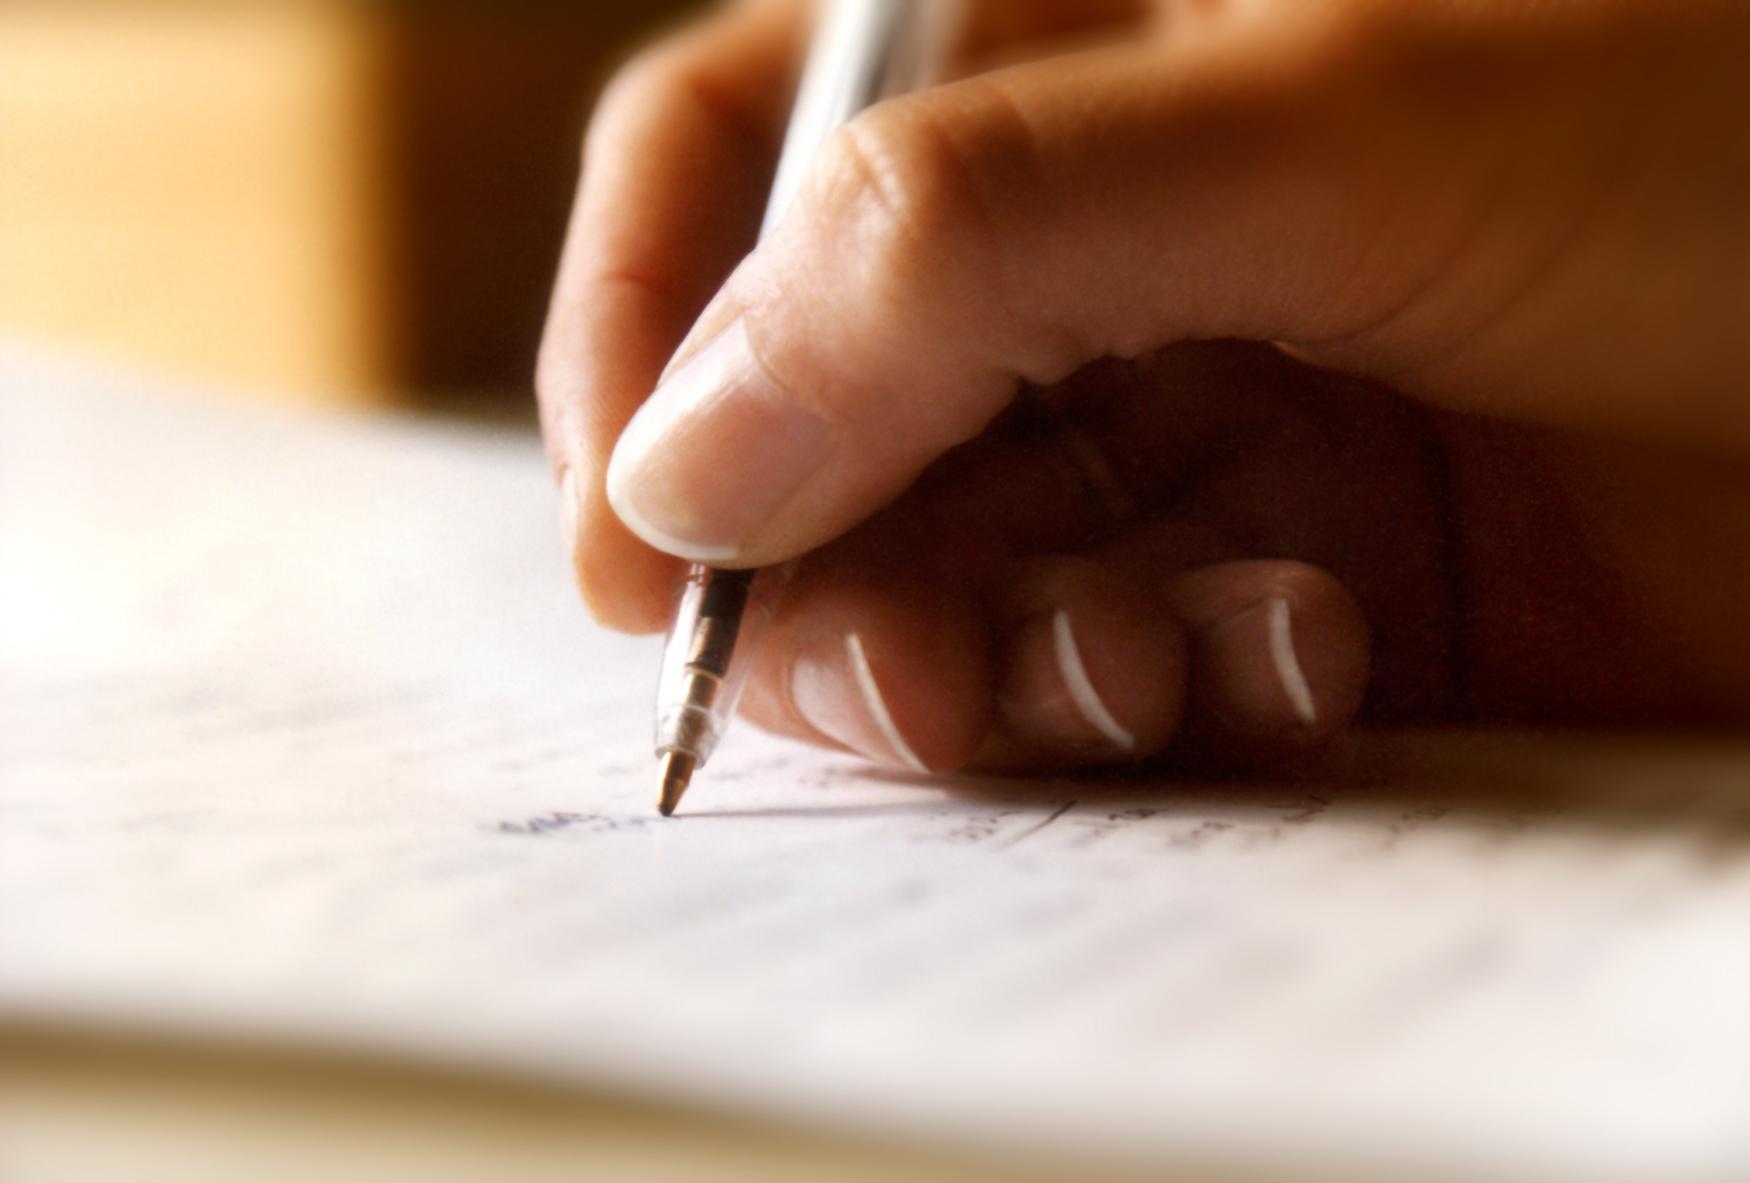 Duygularınızı yazın, hastalıktan kurtulun